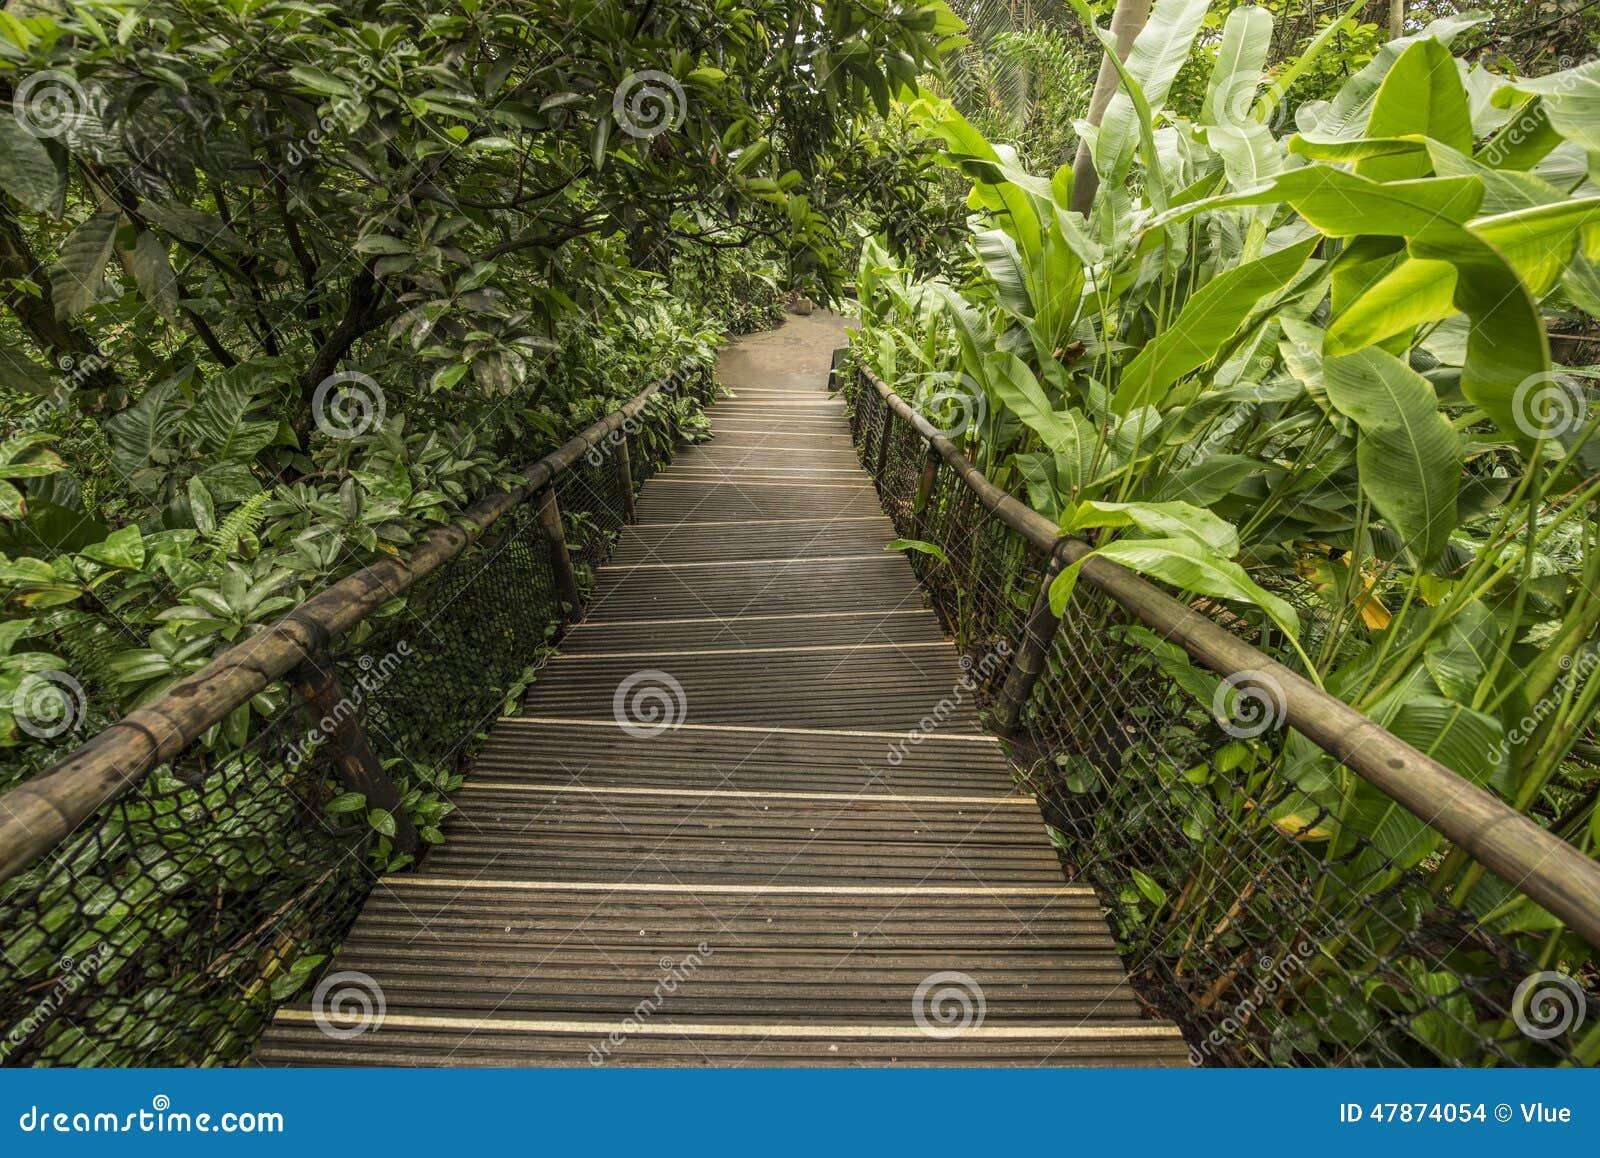 Tapes d 39 escalier dans le jardin de jungle photo stock image 47874054 for Escalier dans un jardin